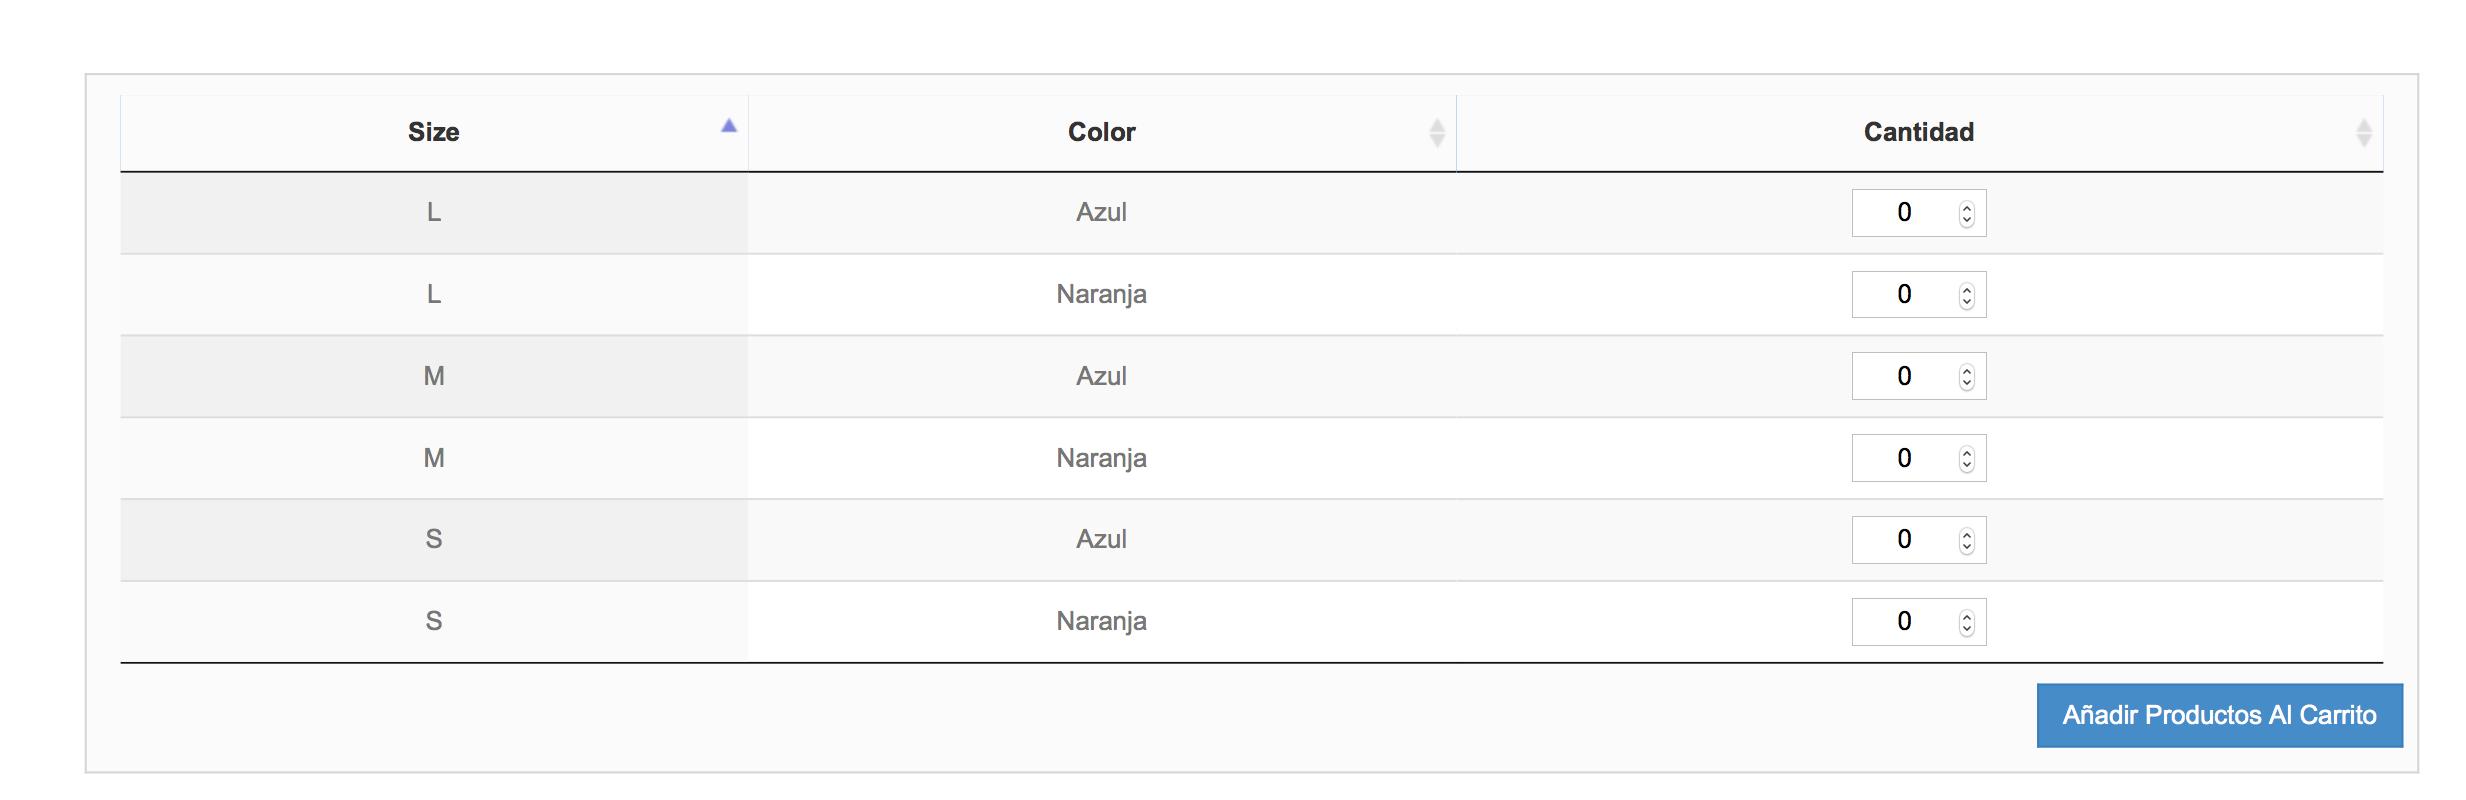 tabla de combinación sin referencia, sin precio,sin carrito por linea y sin filtro